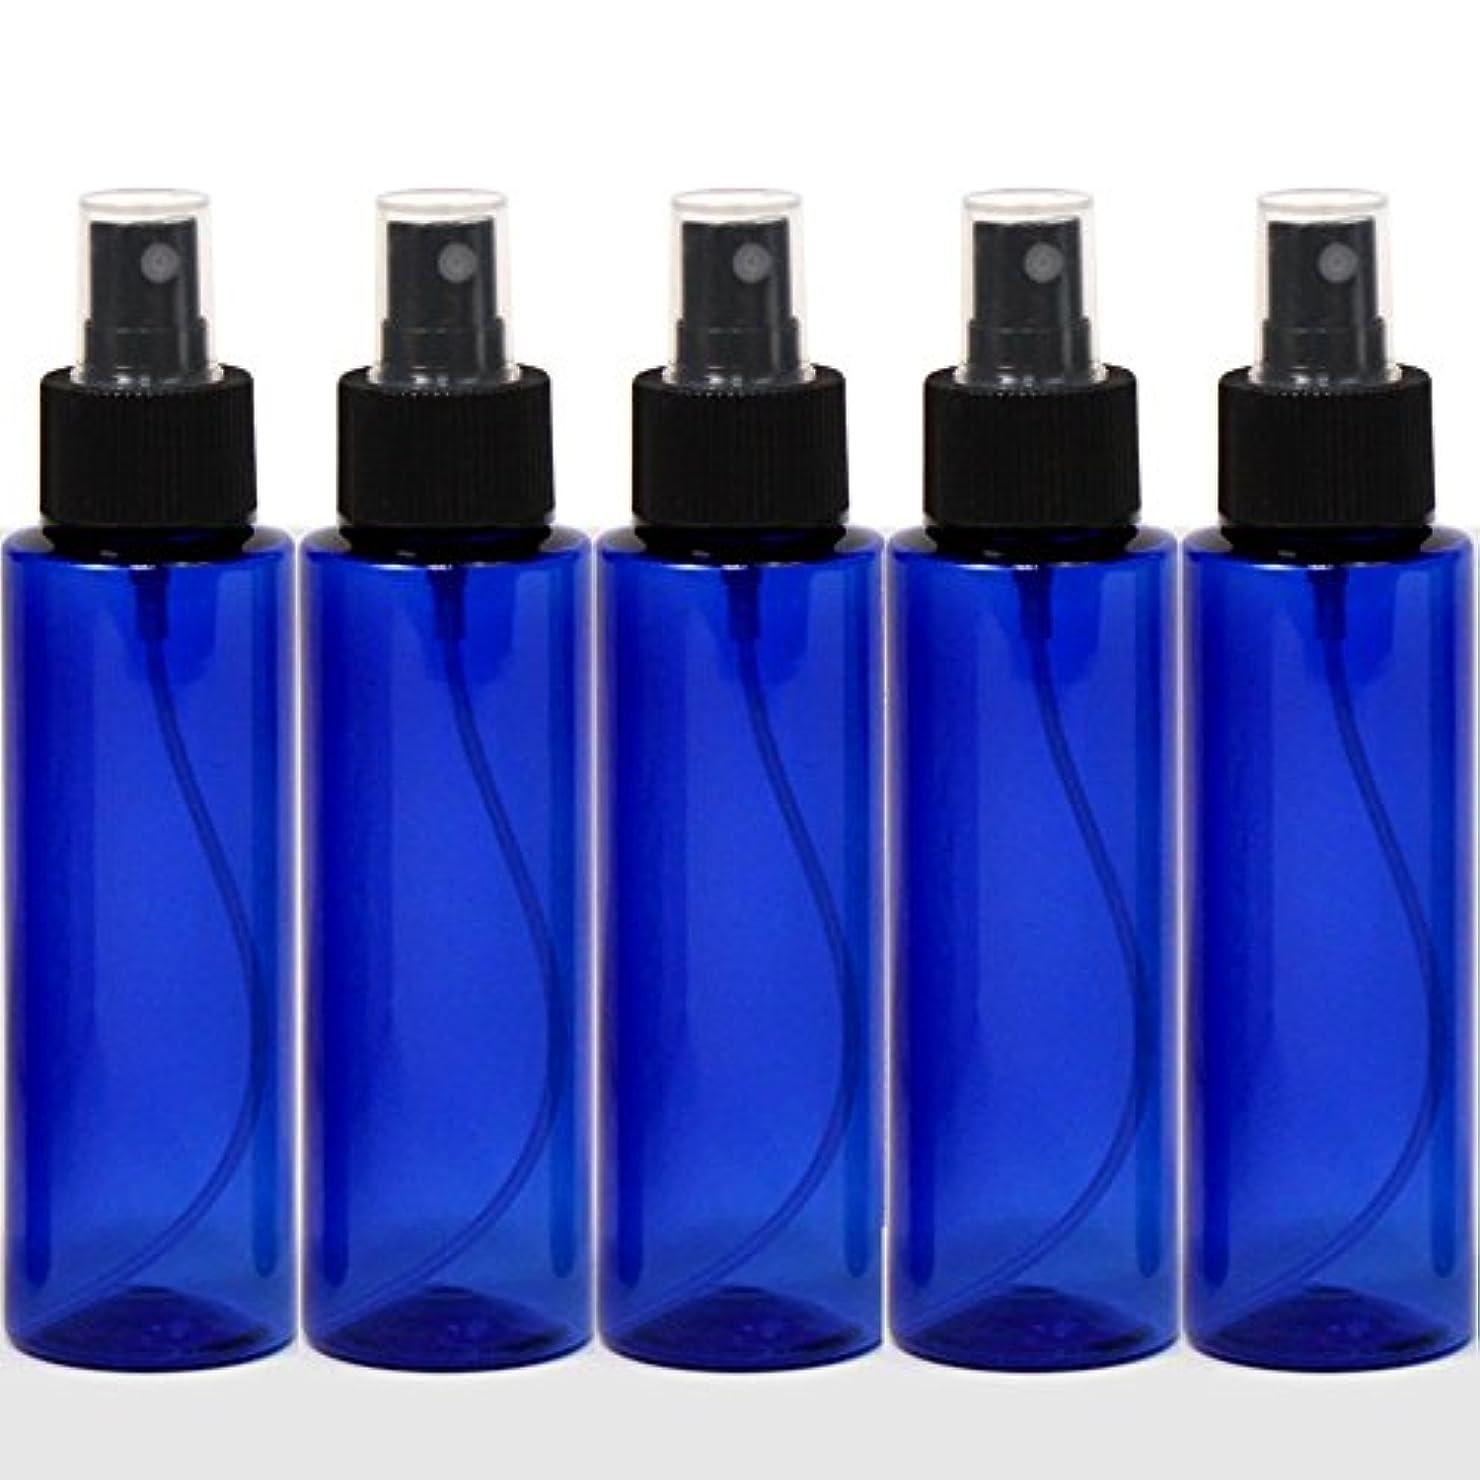 独裁者はさみカエルスプレーボトル50mLブルー黒ヘッド5本ストレートペットボトル遮光性青色おしゃれ容器bu50sbk5